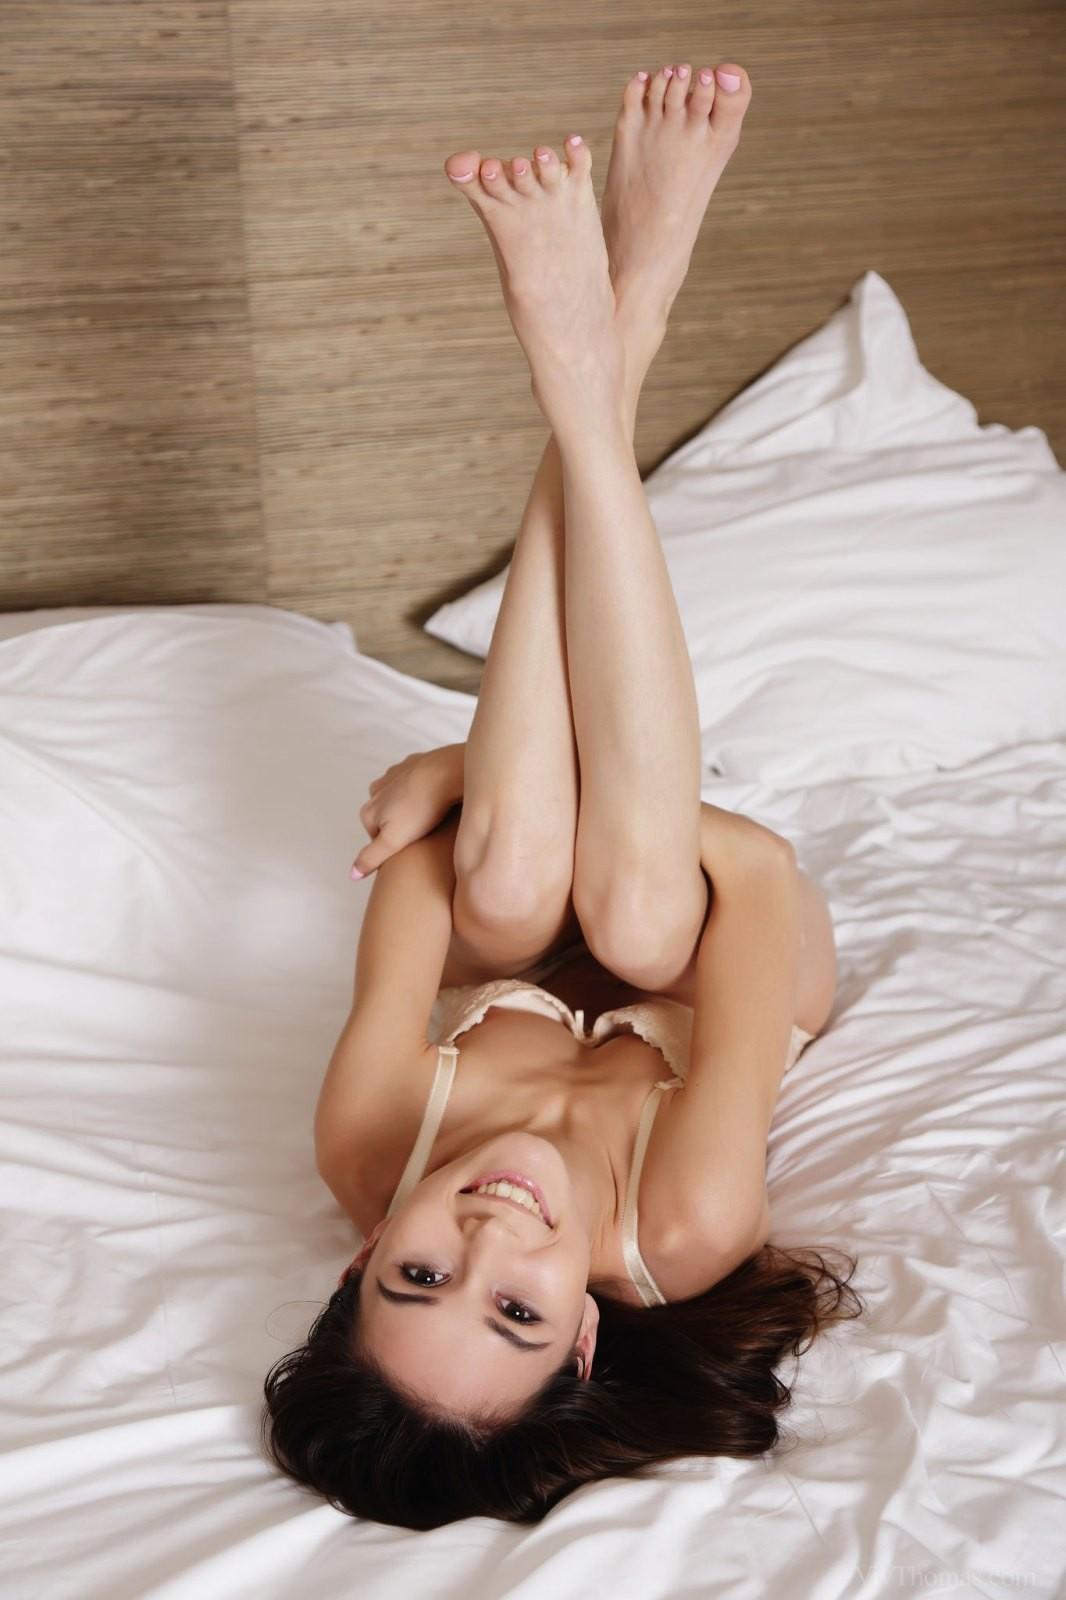 Молоденькая девица с сексуальной бритой писькой - фото